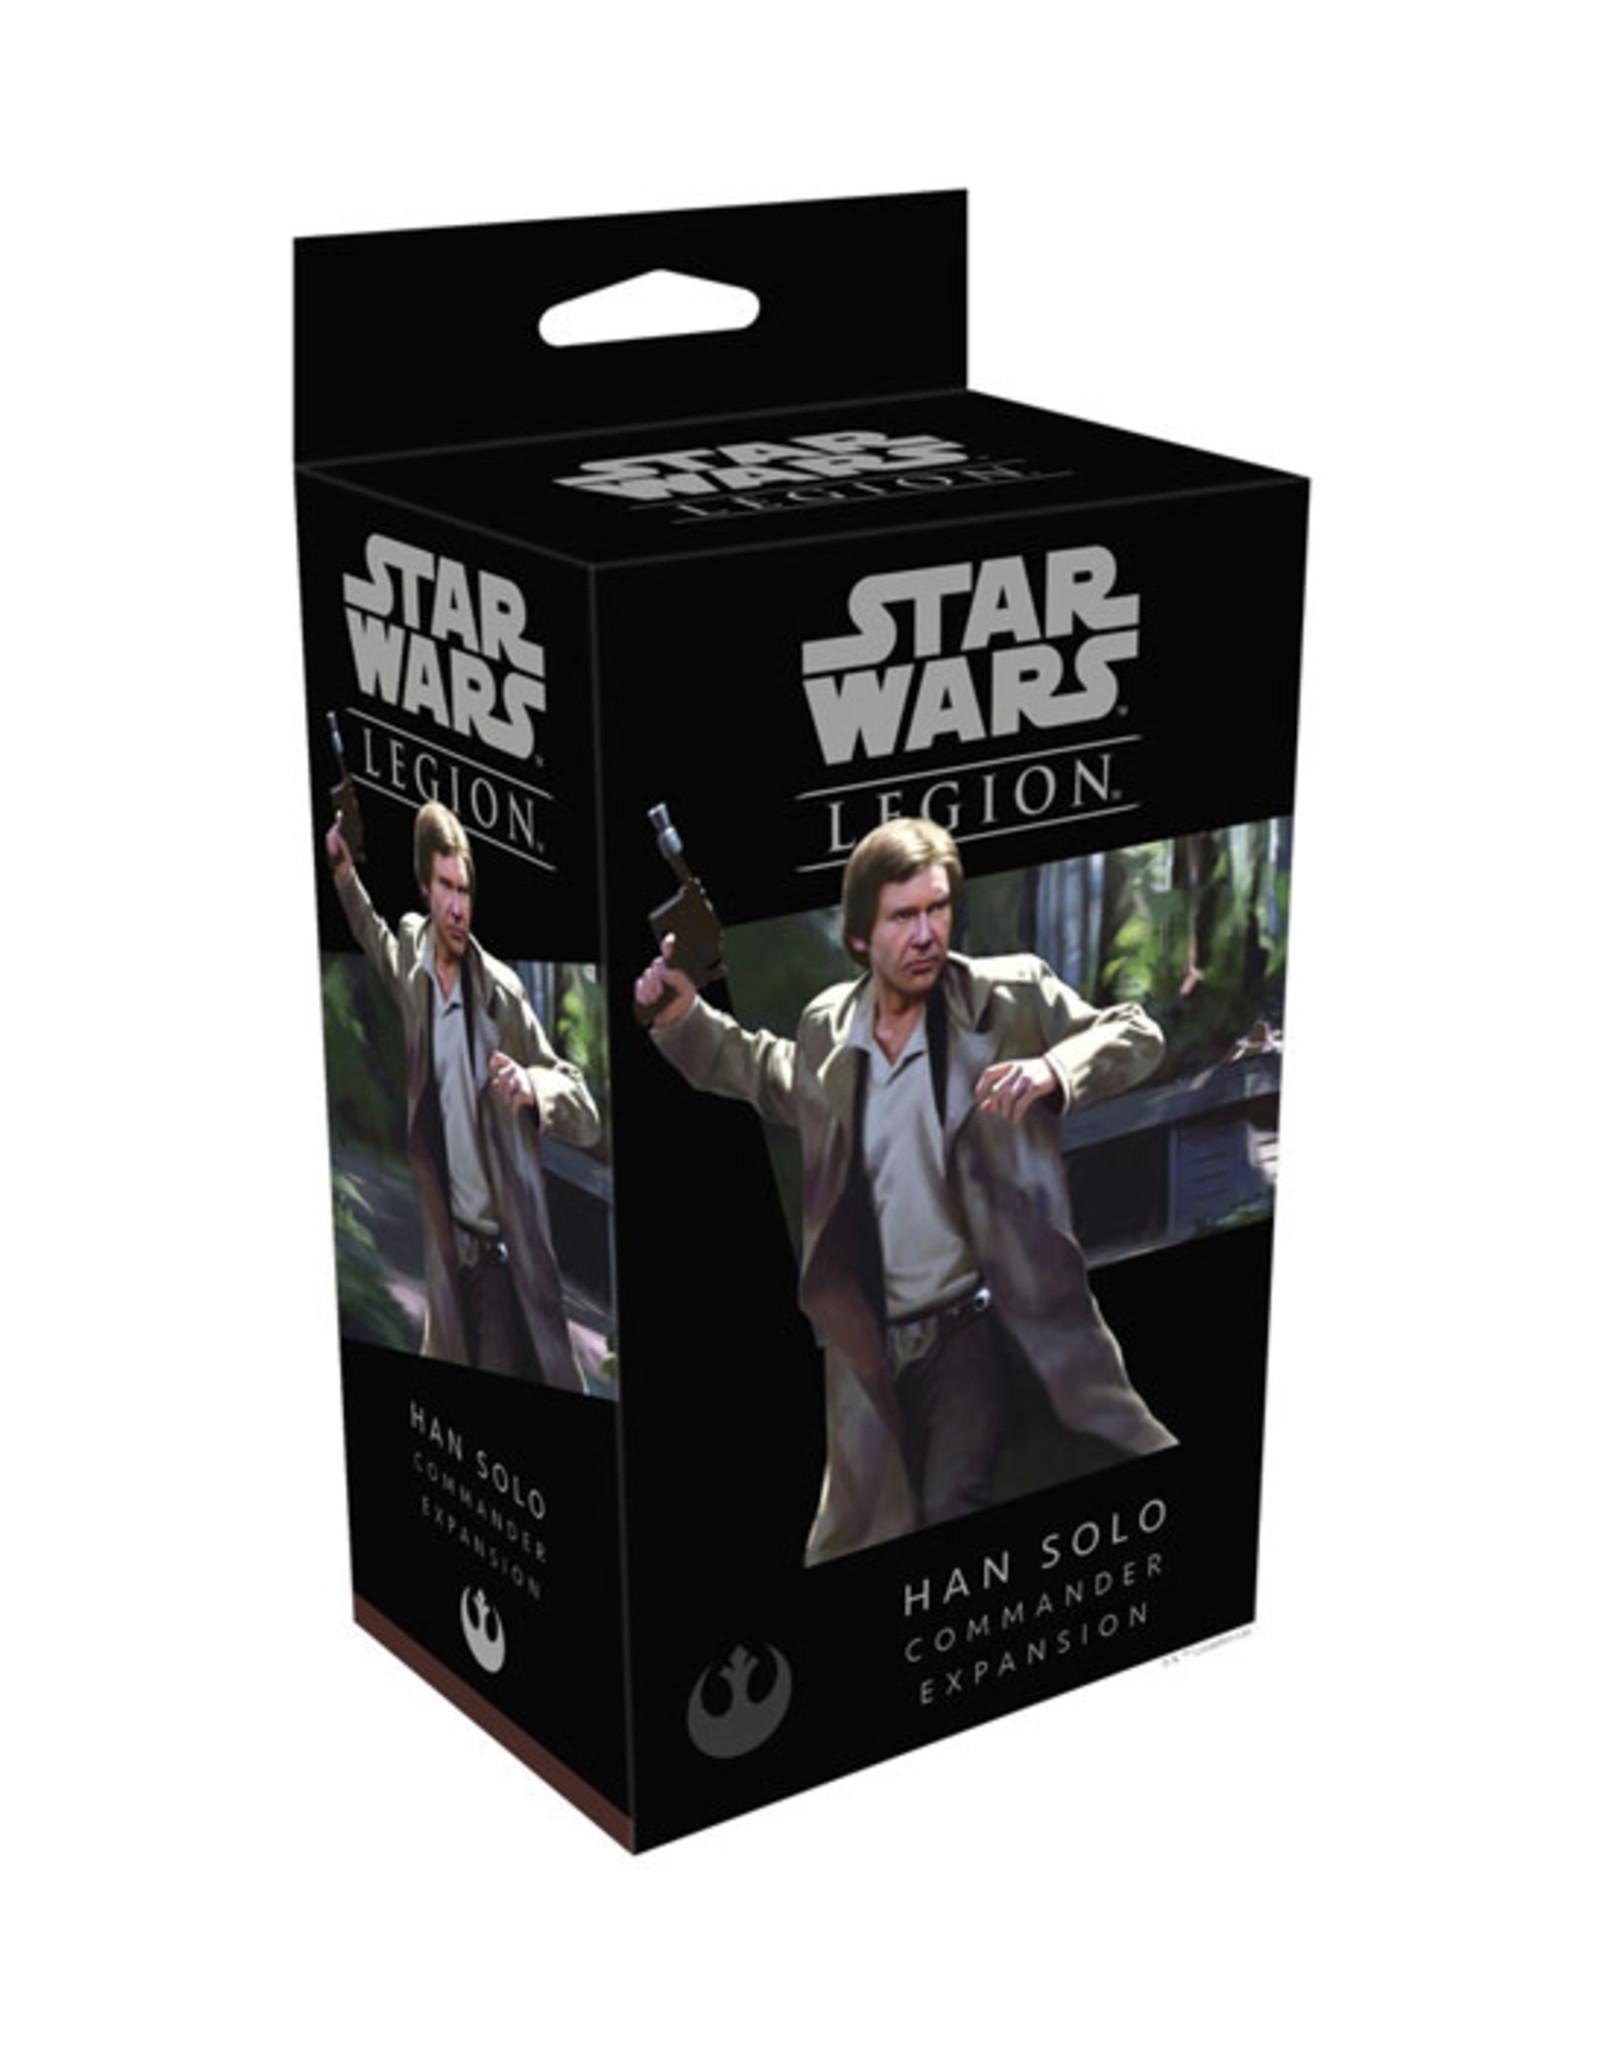 Fantasy Flight Games Star Wars: Legion - Han Solo